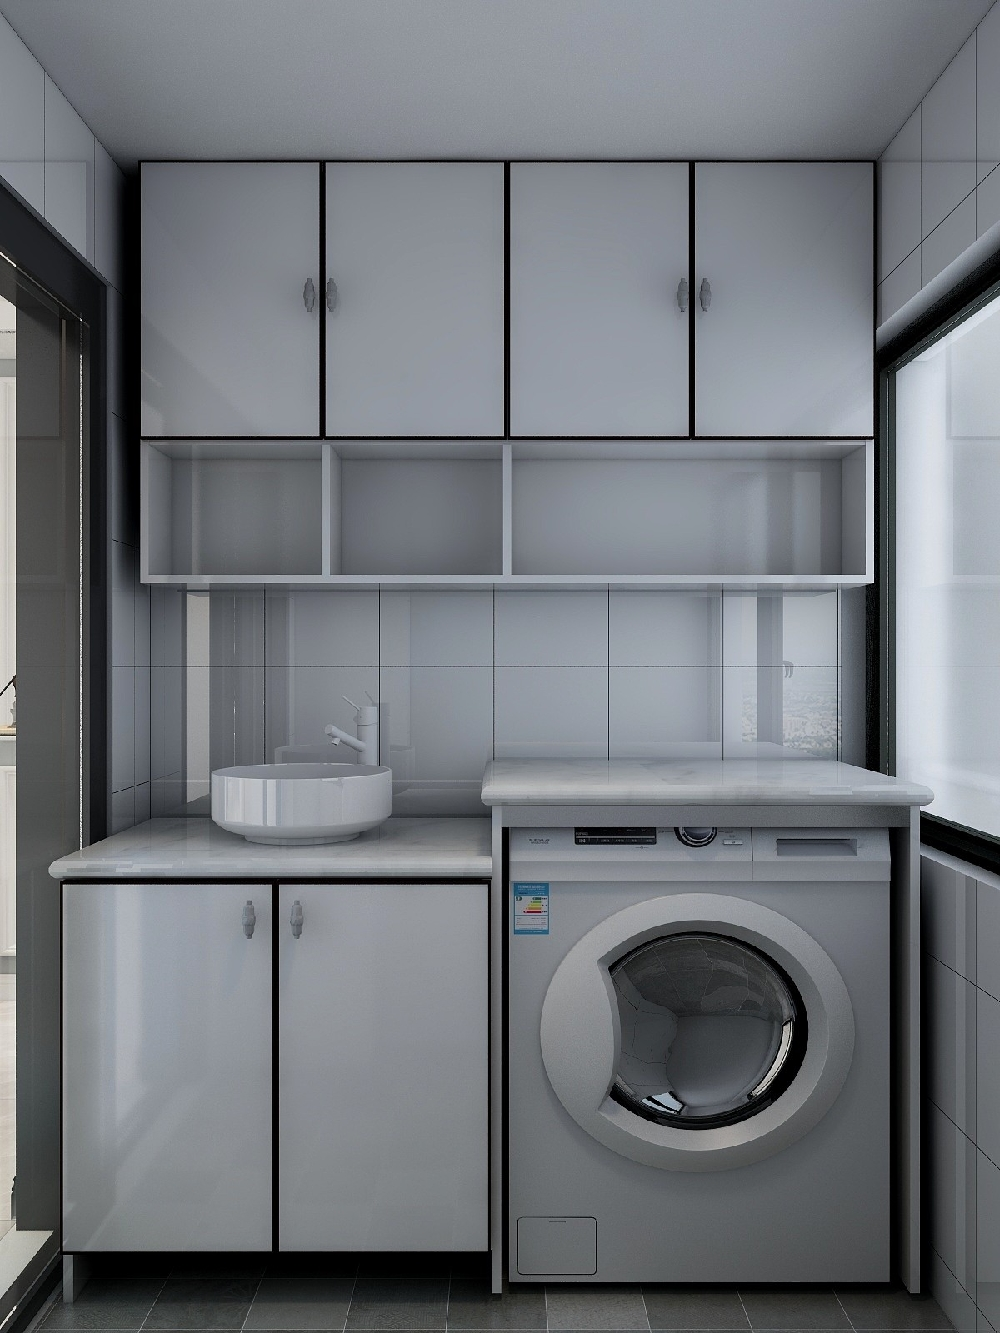 120㎡三居室设计温馨房屋14845759